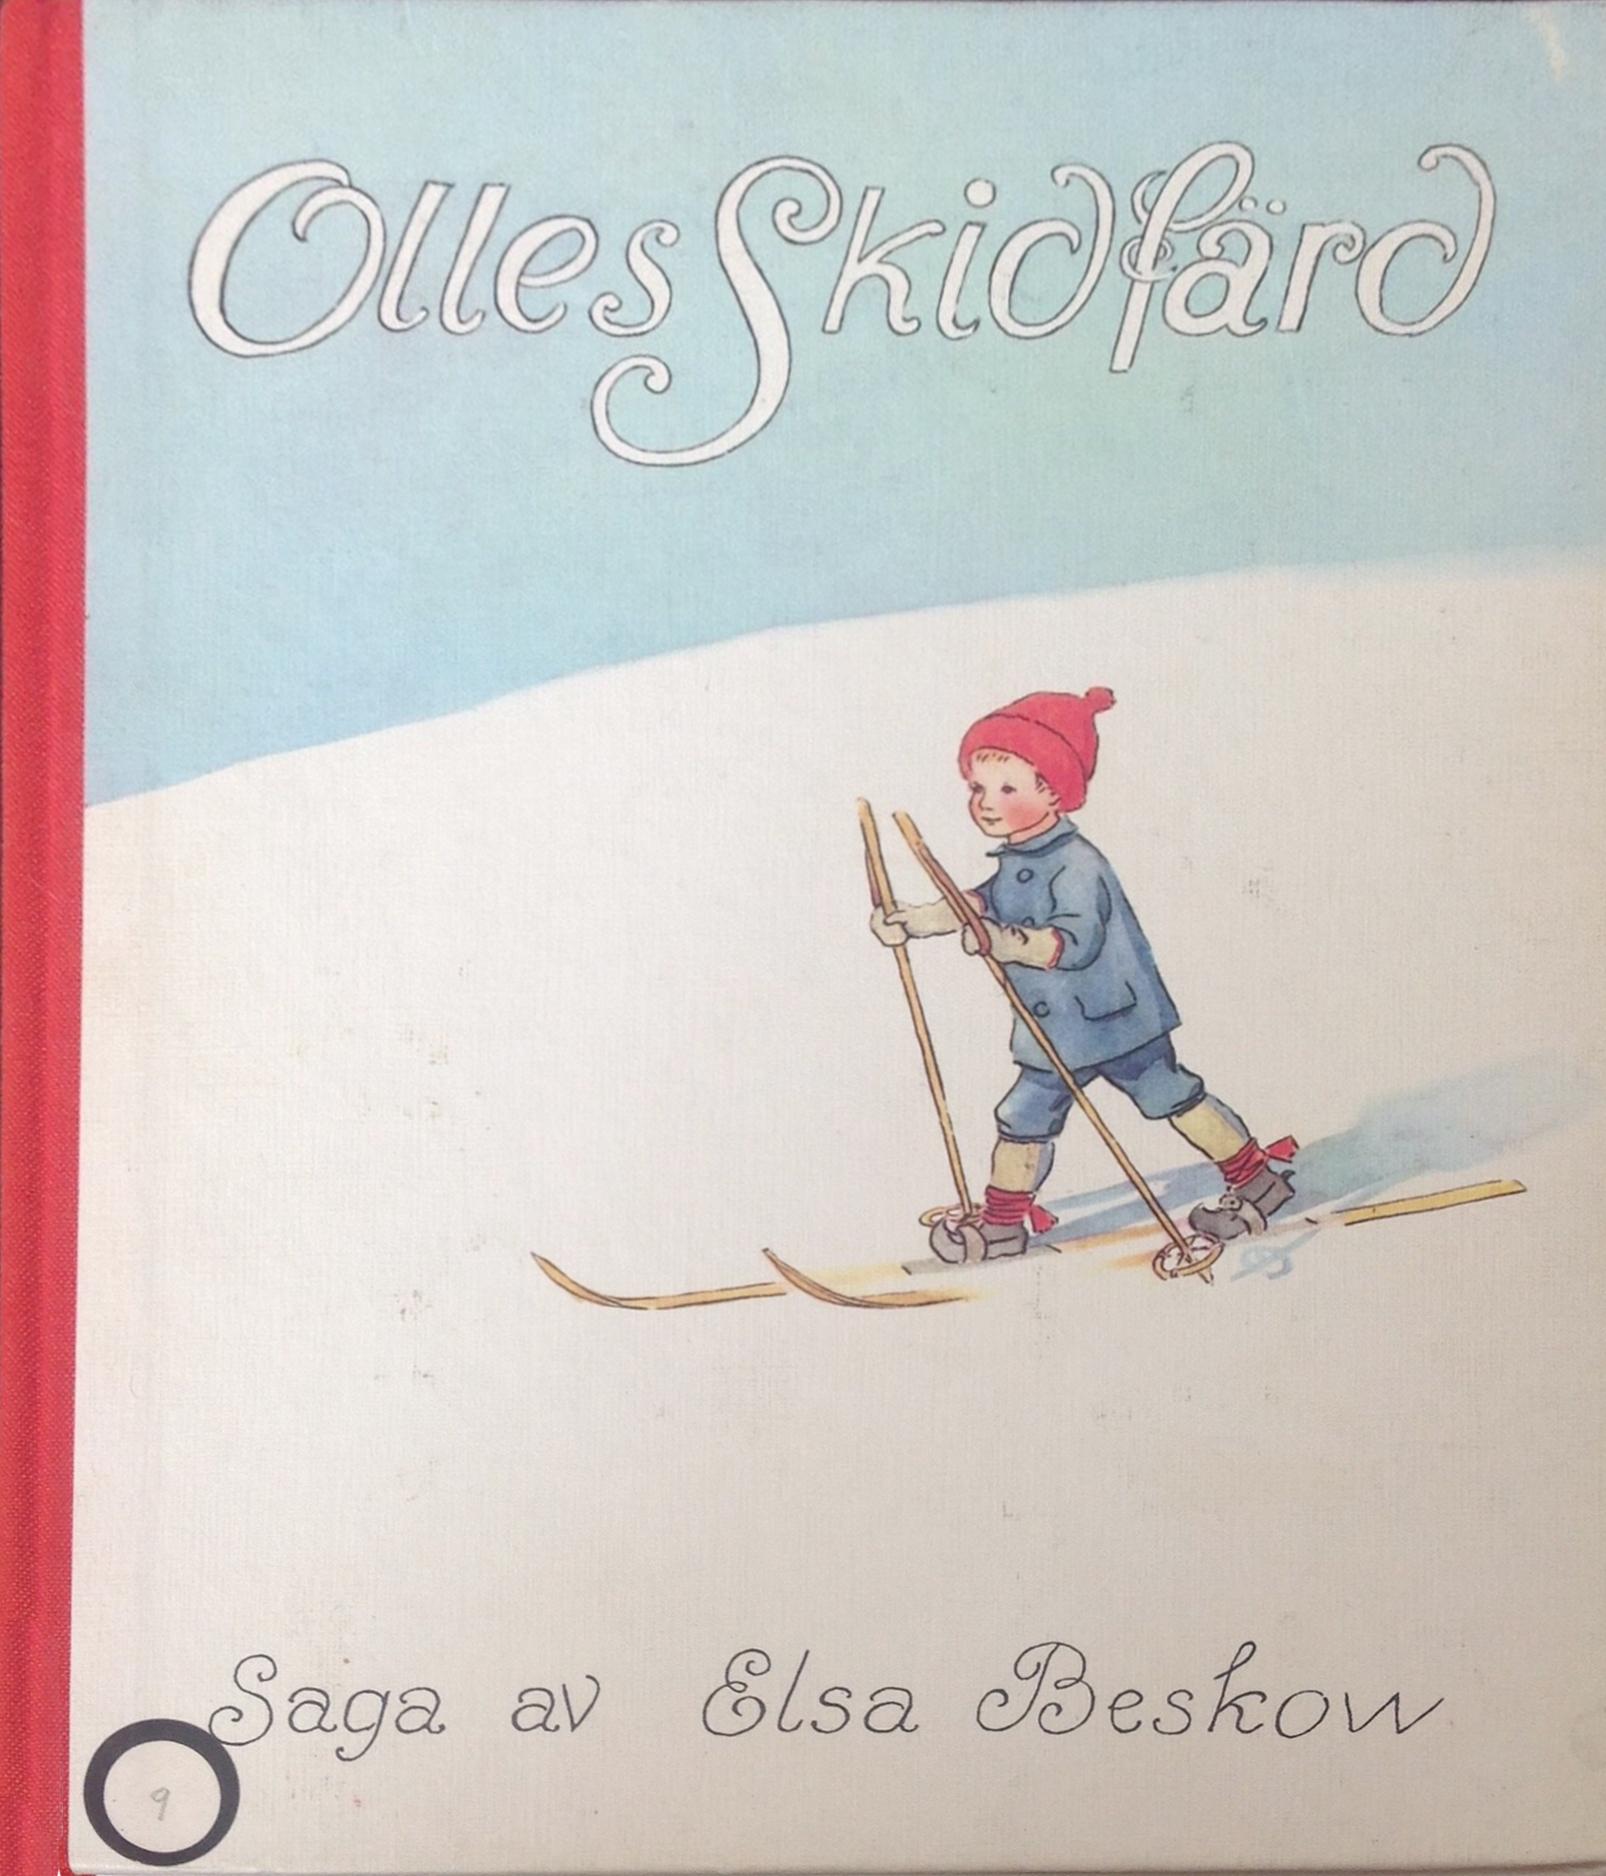 Elsa Beskow - Olles Skidfärd